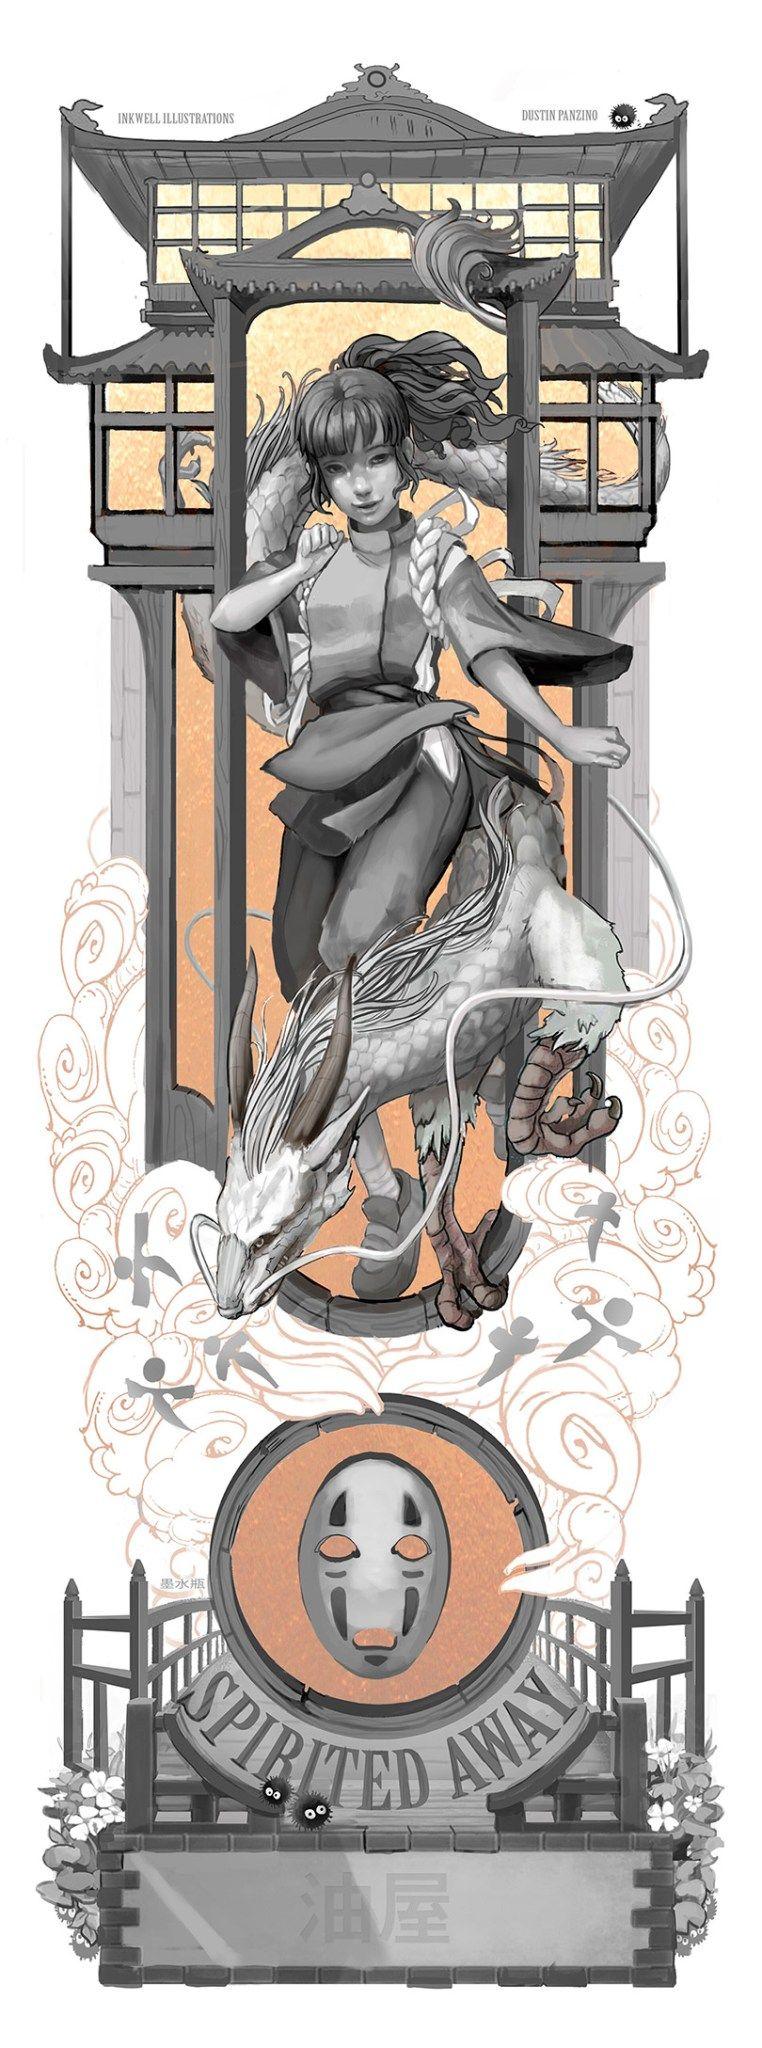 Personagens do Studio Ghibli em Art Nouveau 8